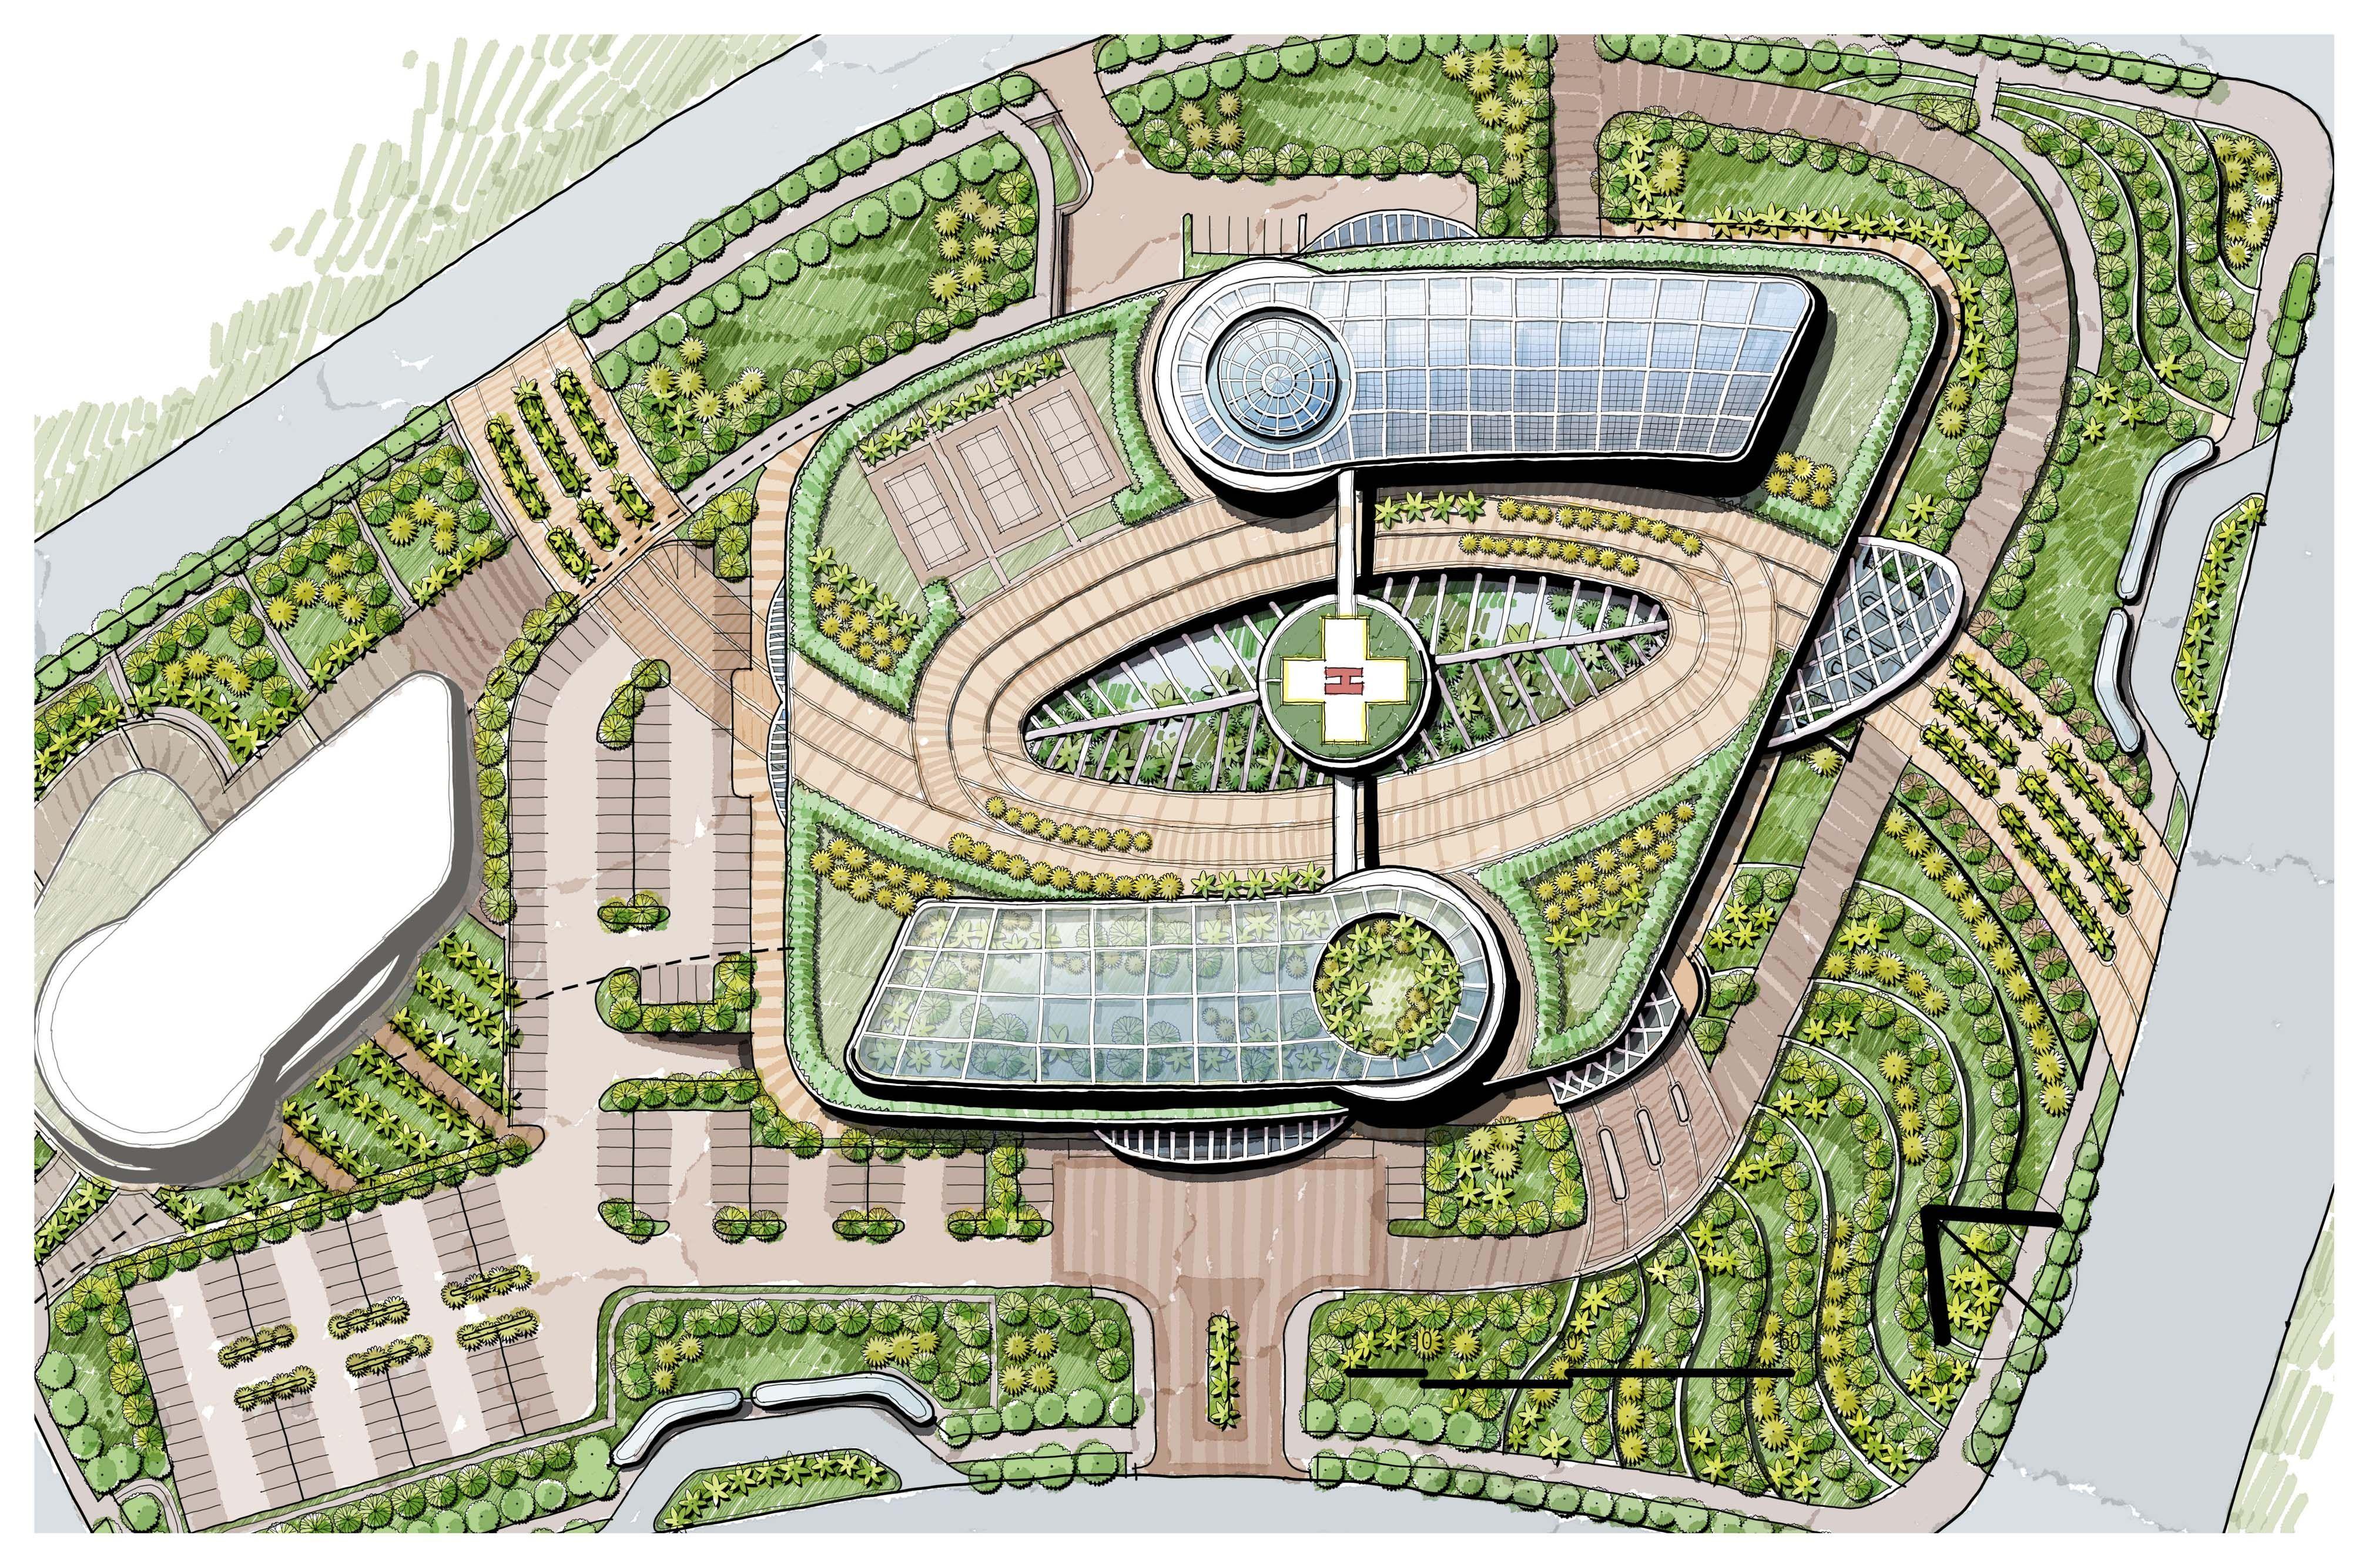 Modern Landscape Master Plan Sunken Garden Green House Hospital Landscape Yin And Yang Landscape Wav Parking Design Contemporary Landscape Urban Landscape